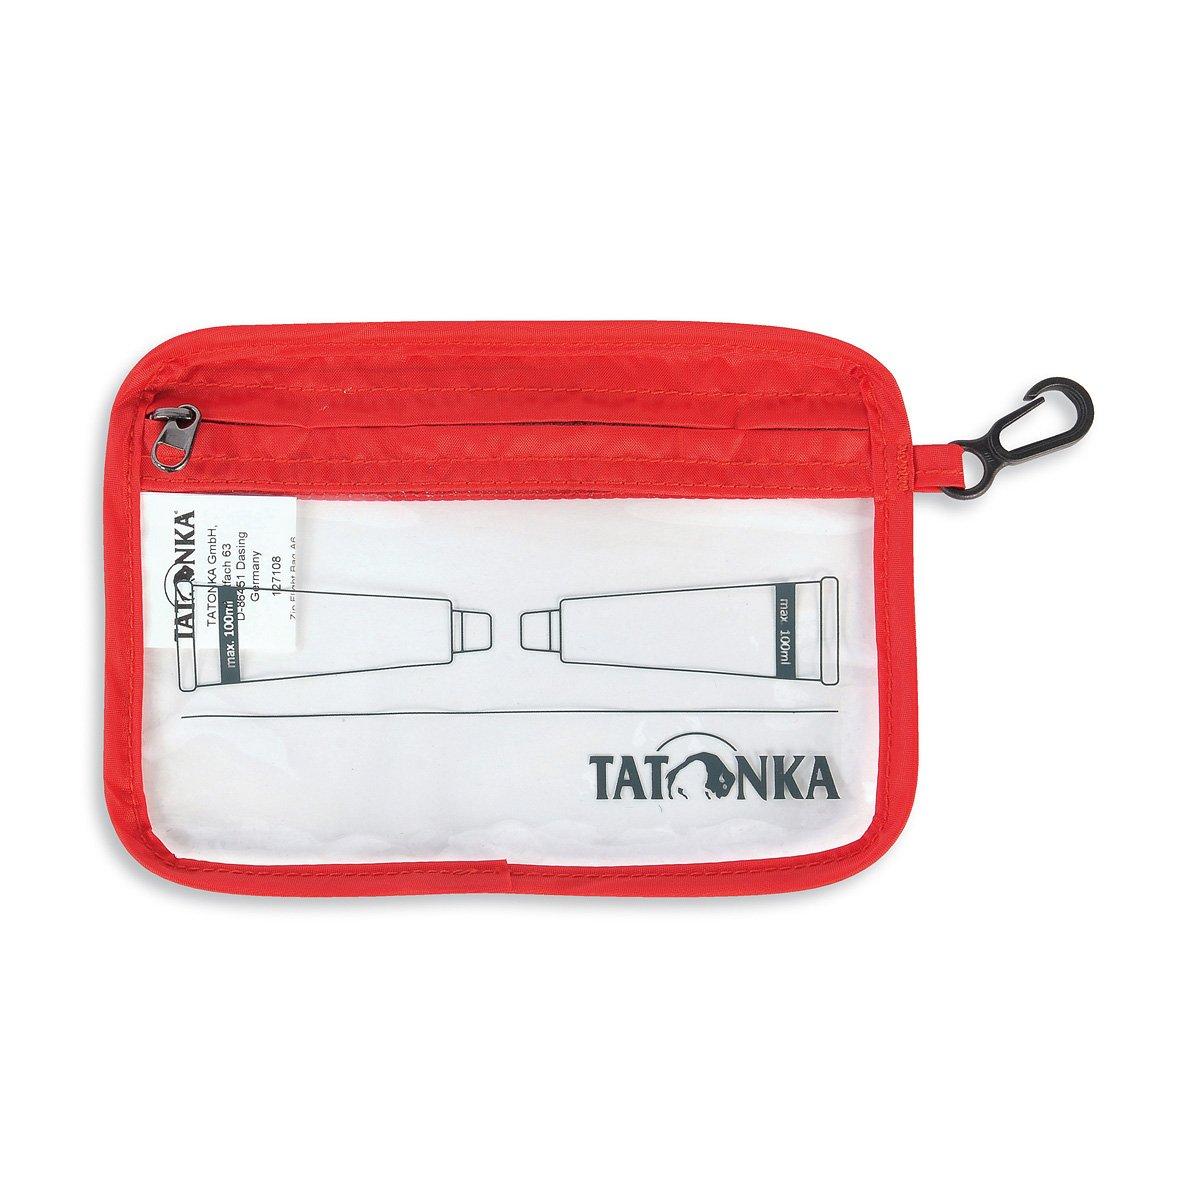 Tatonka Zip Flight Bag A6 TATK5|#Tatonka 3134